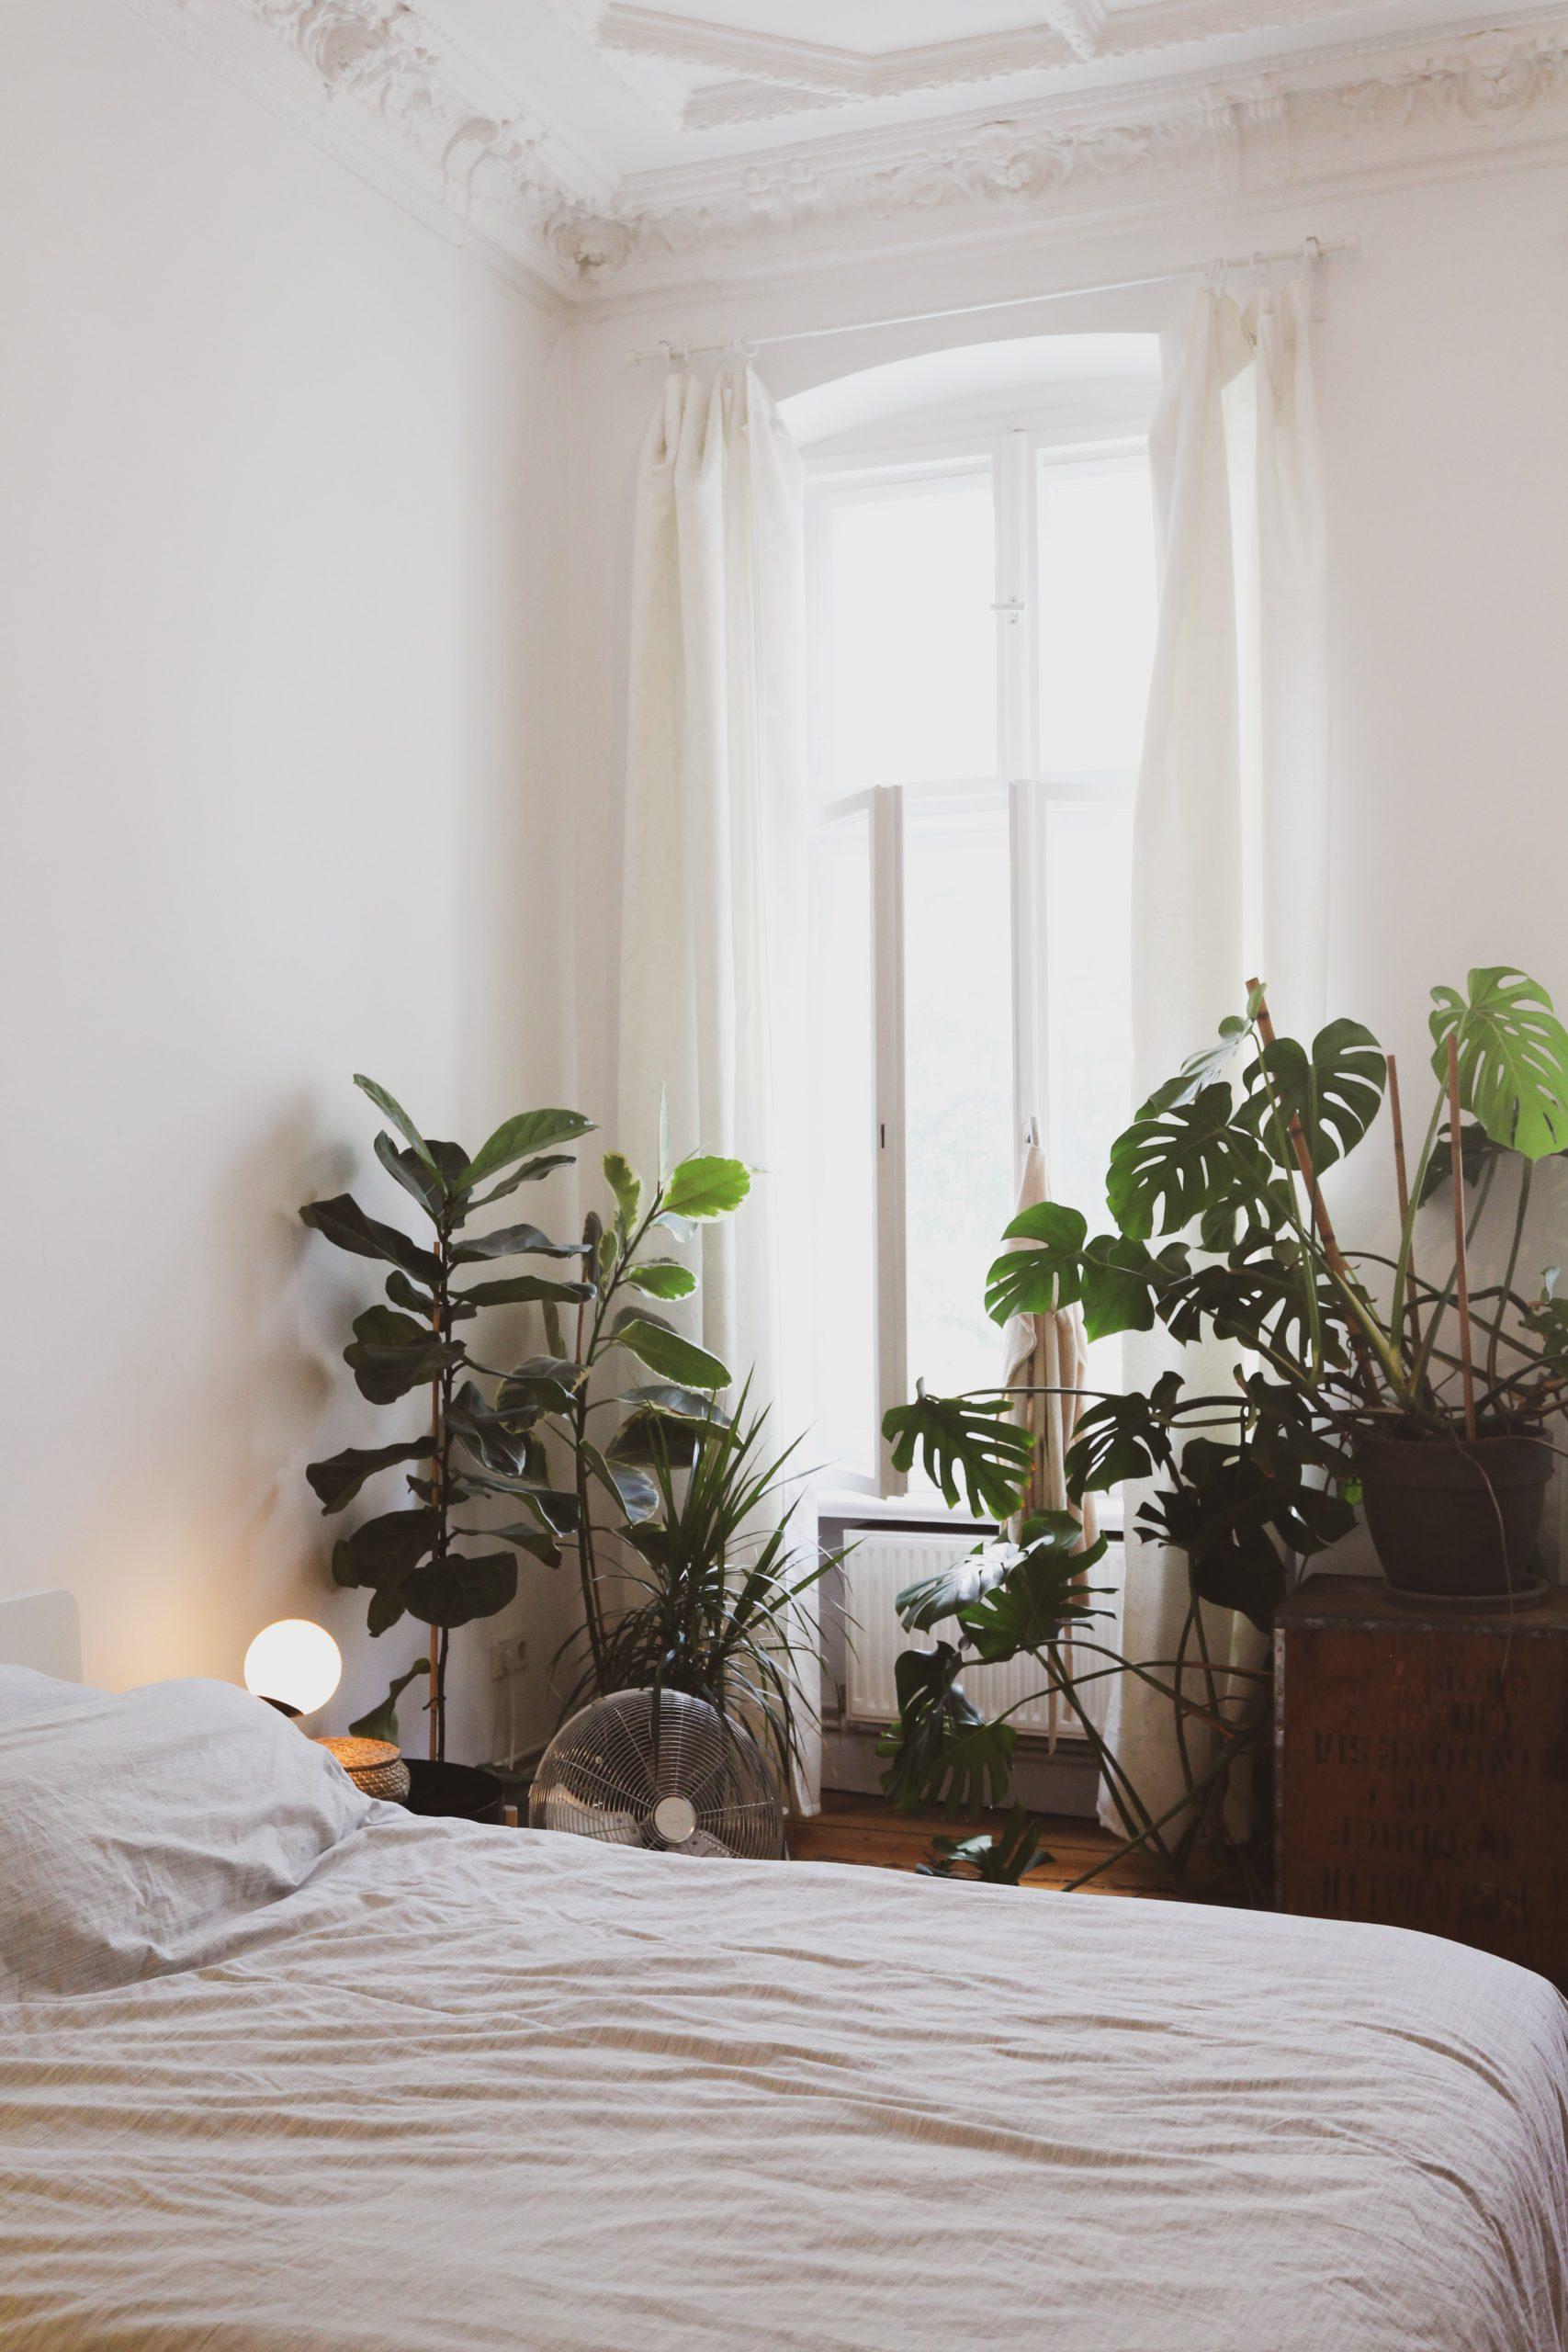 puis-je mettre des plantes dans ma chambre